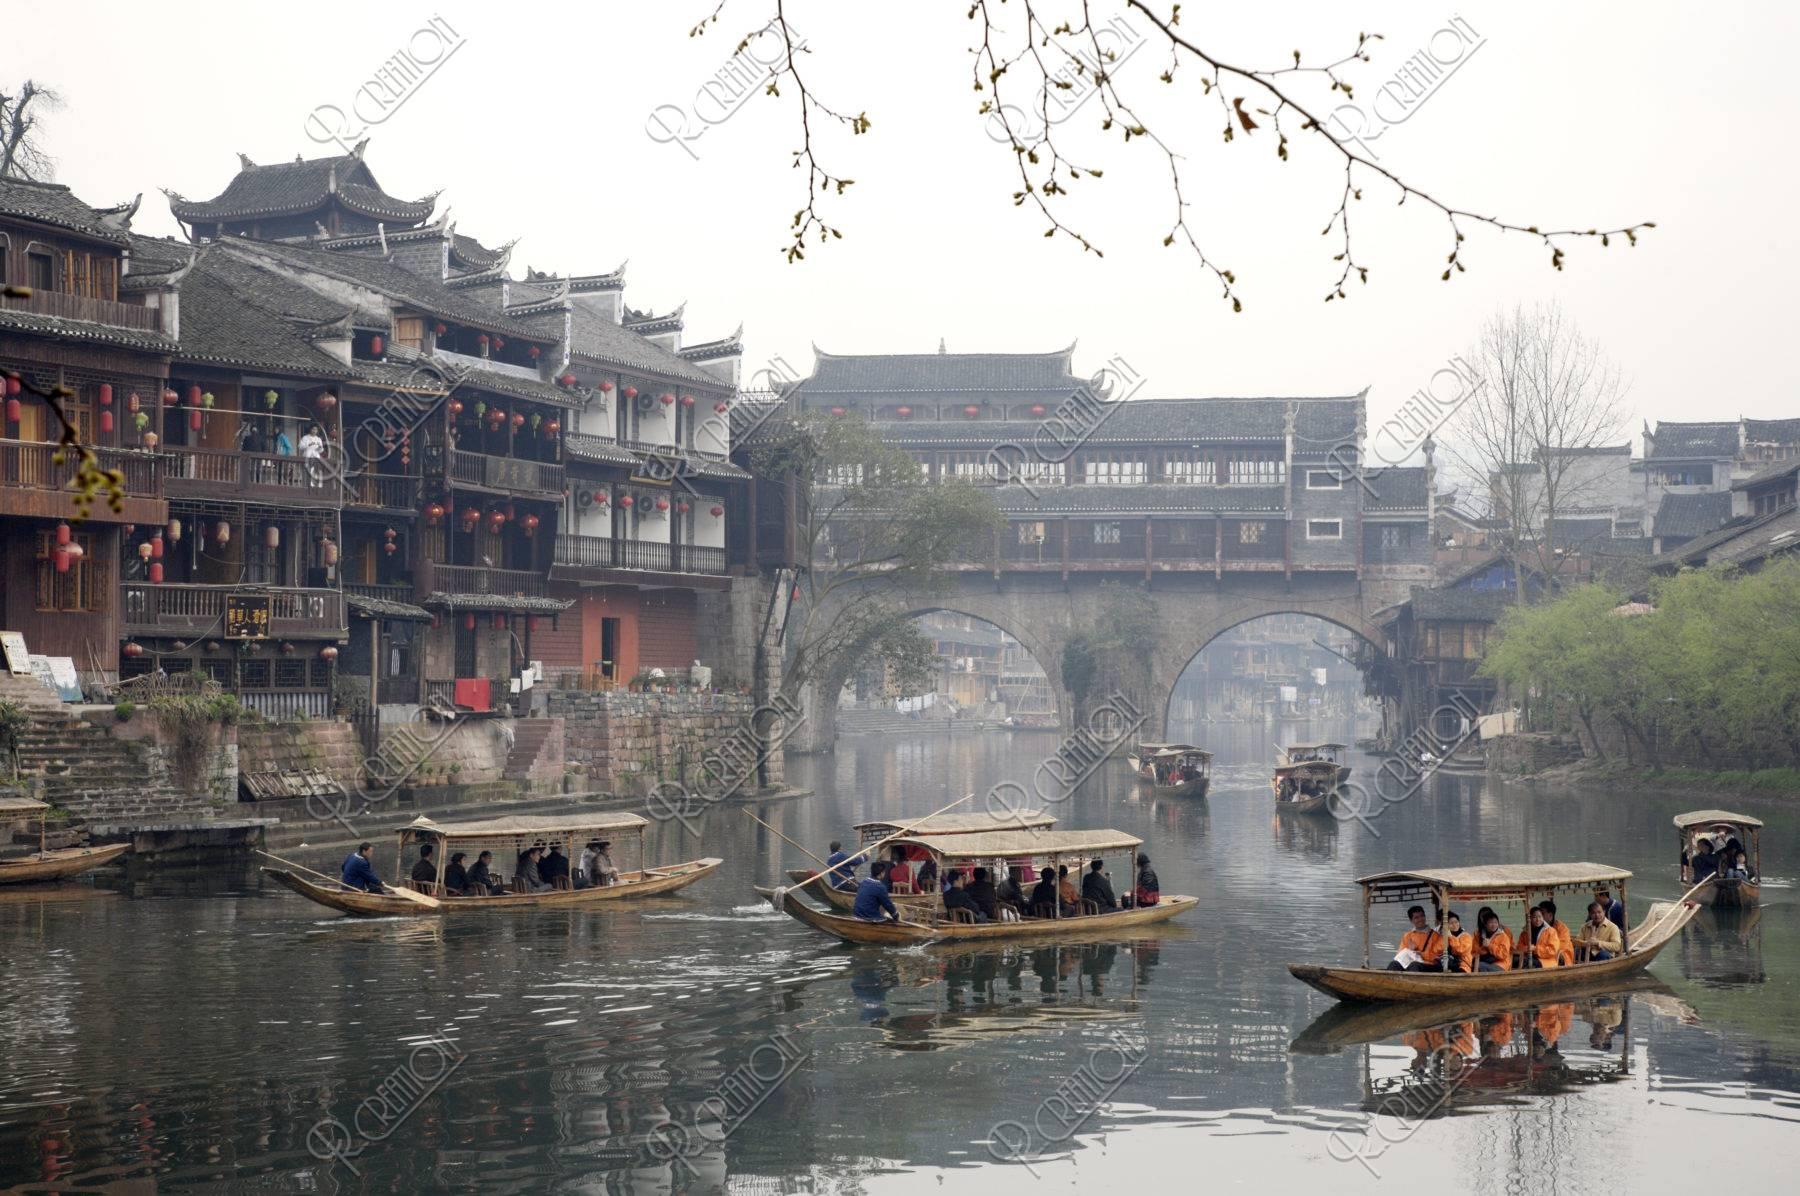 鳳凰古城 虹橋と観光船